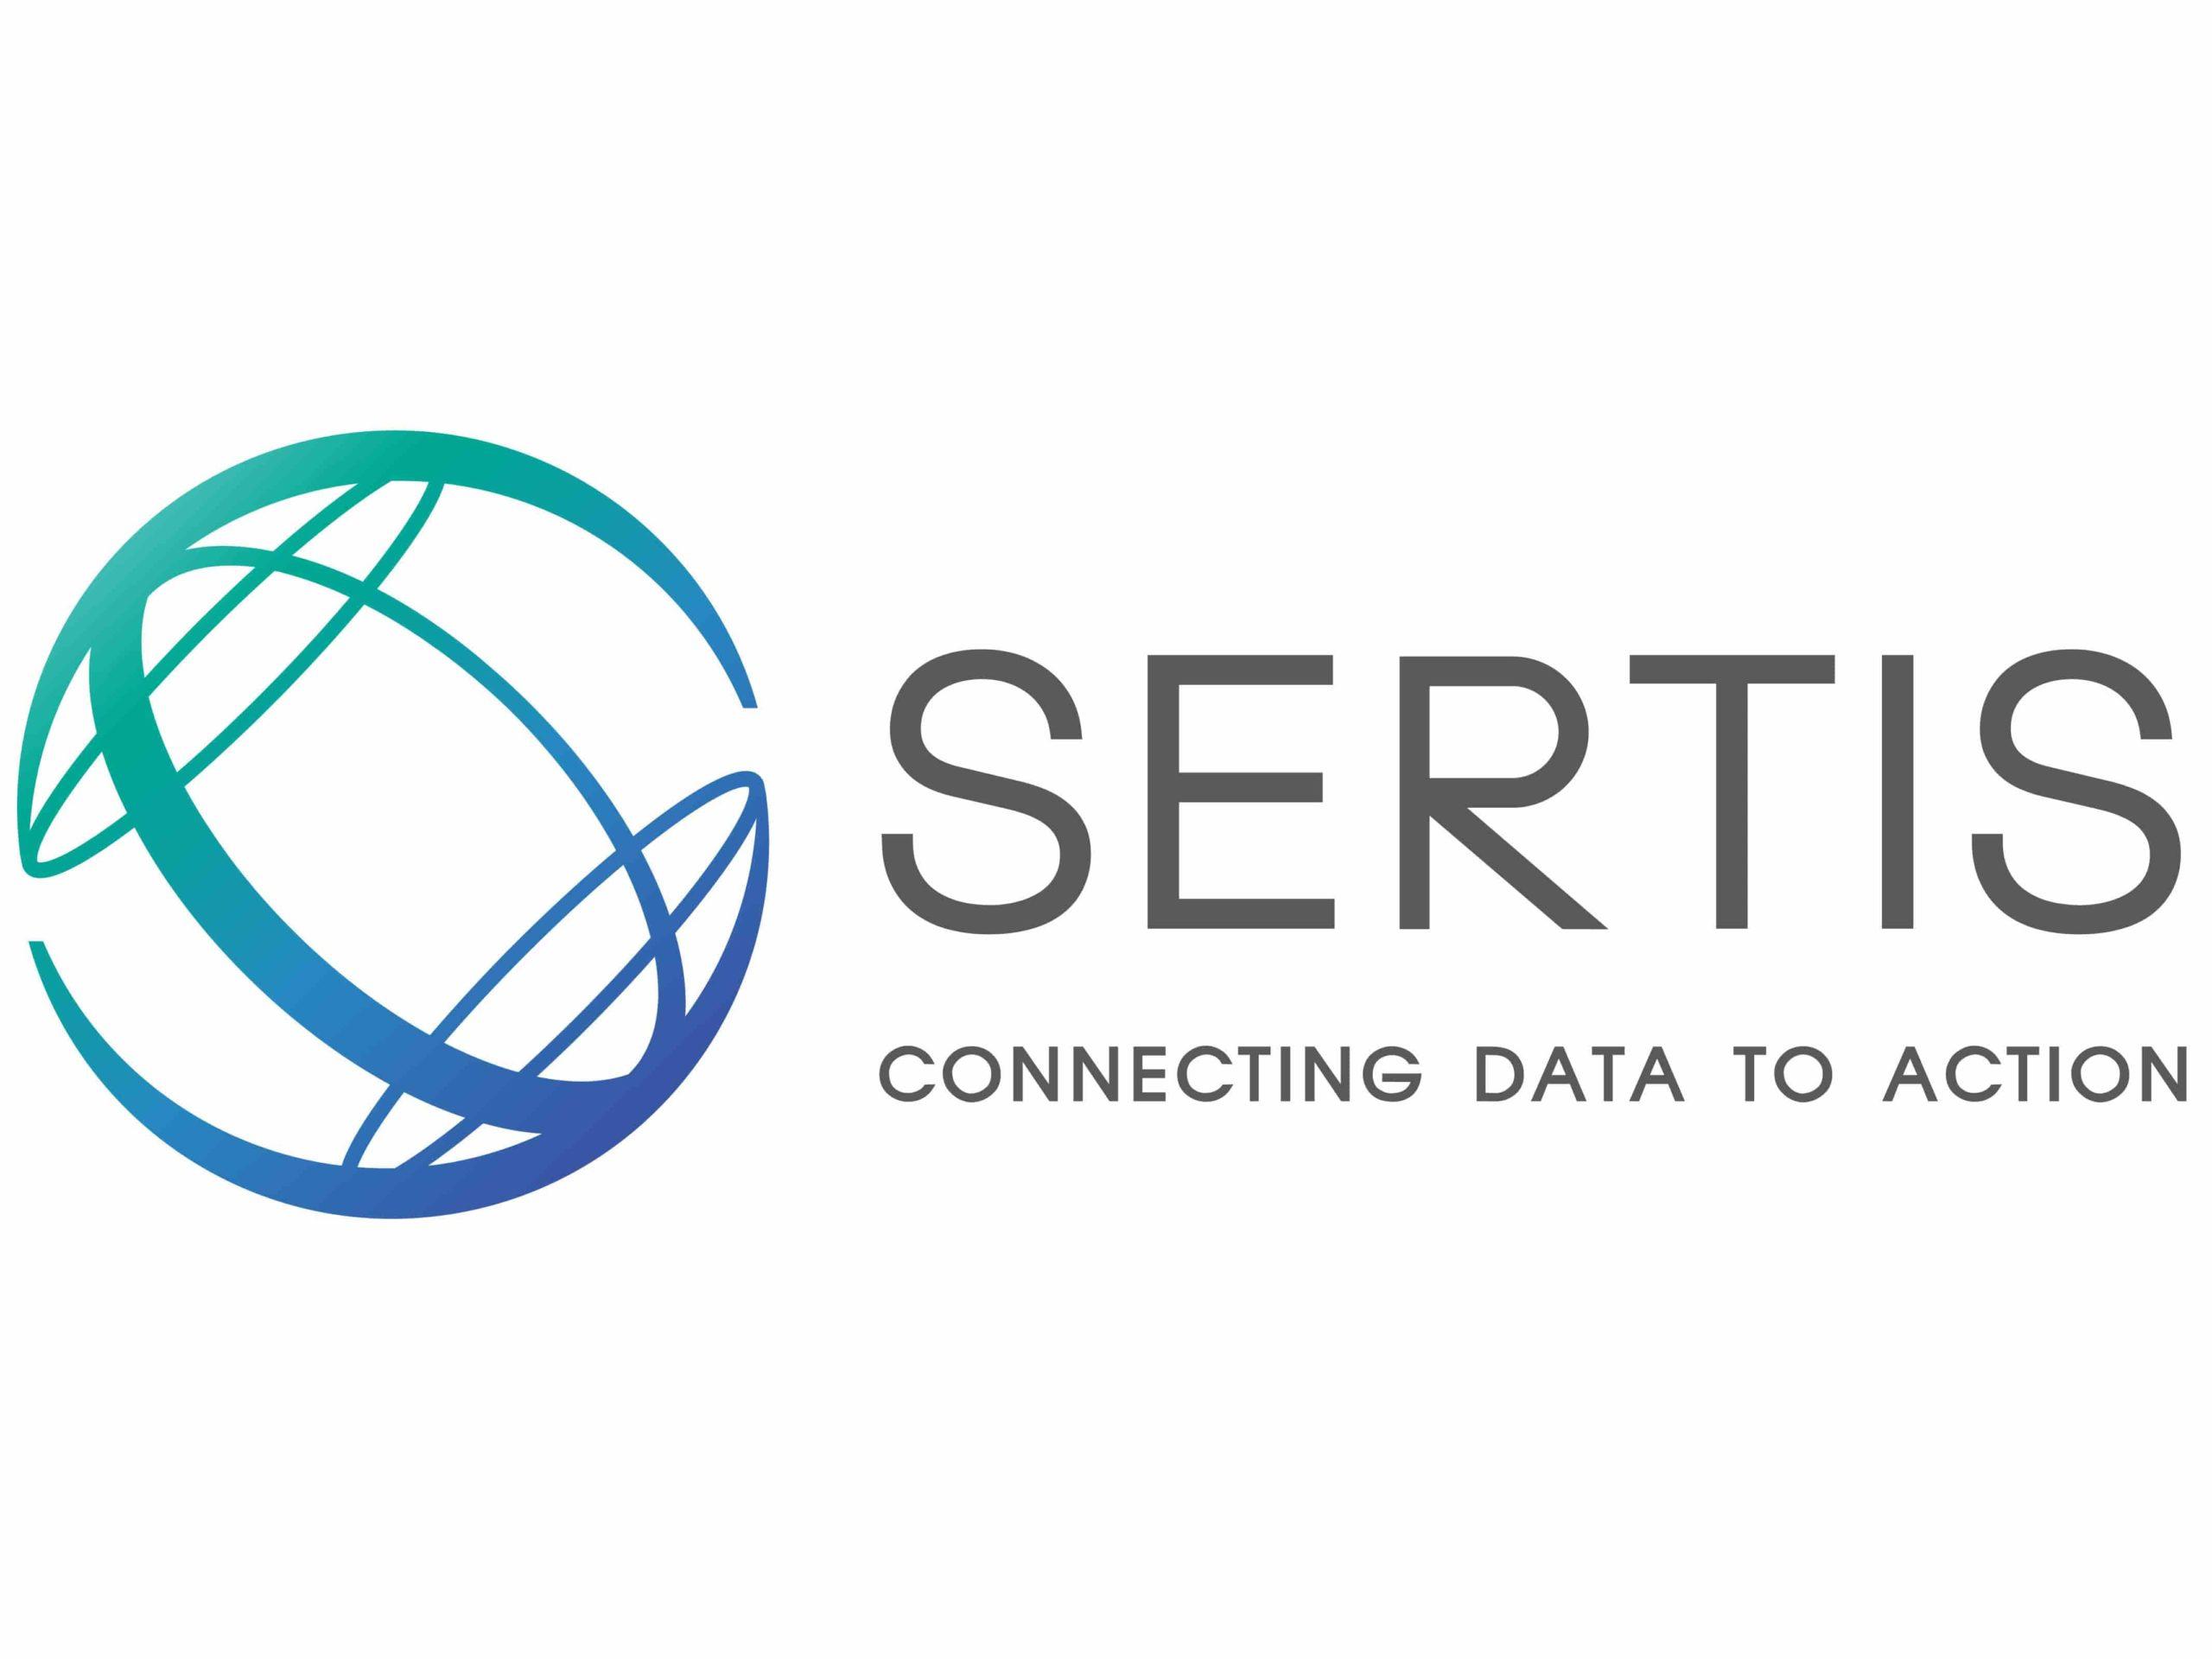 Sertis